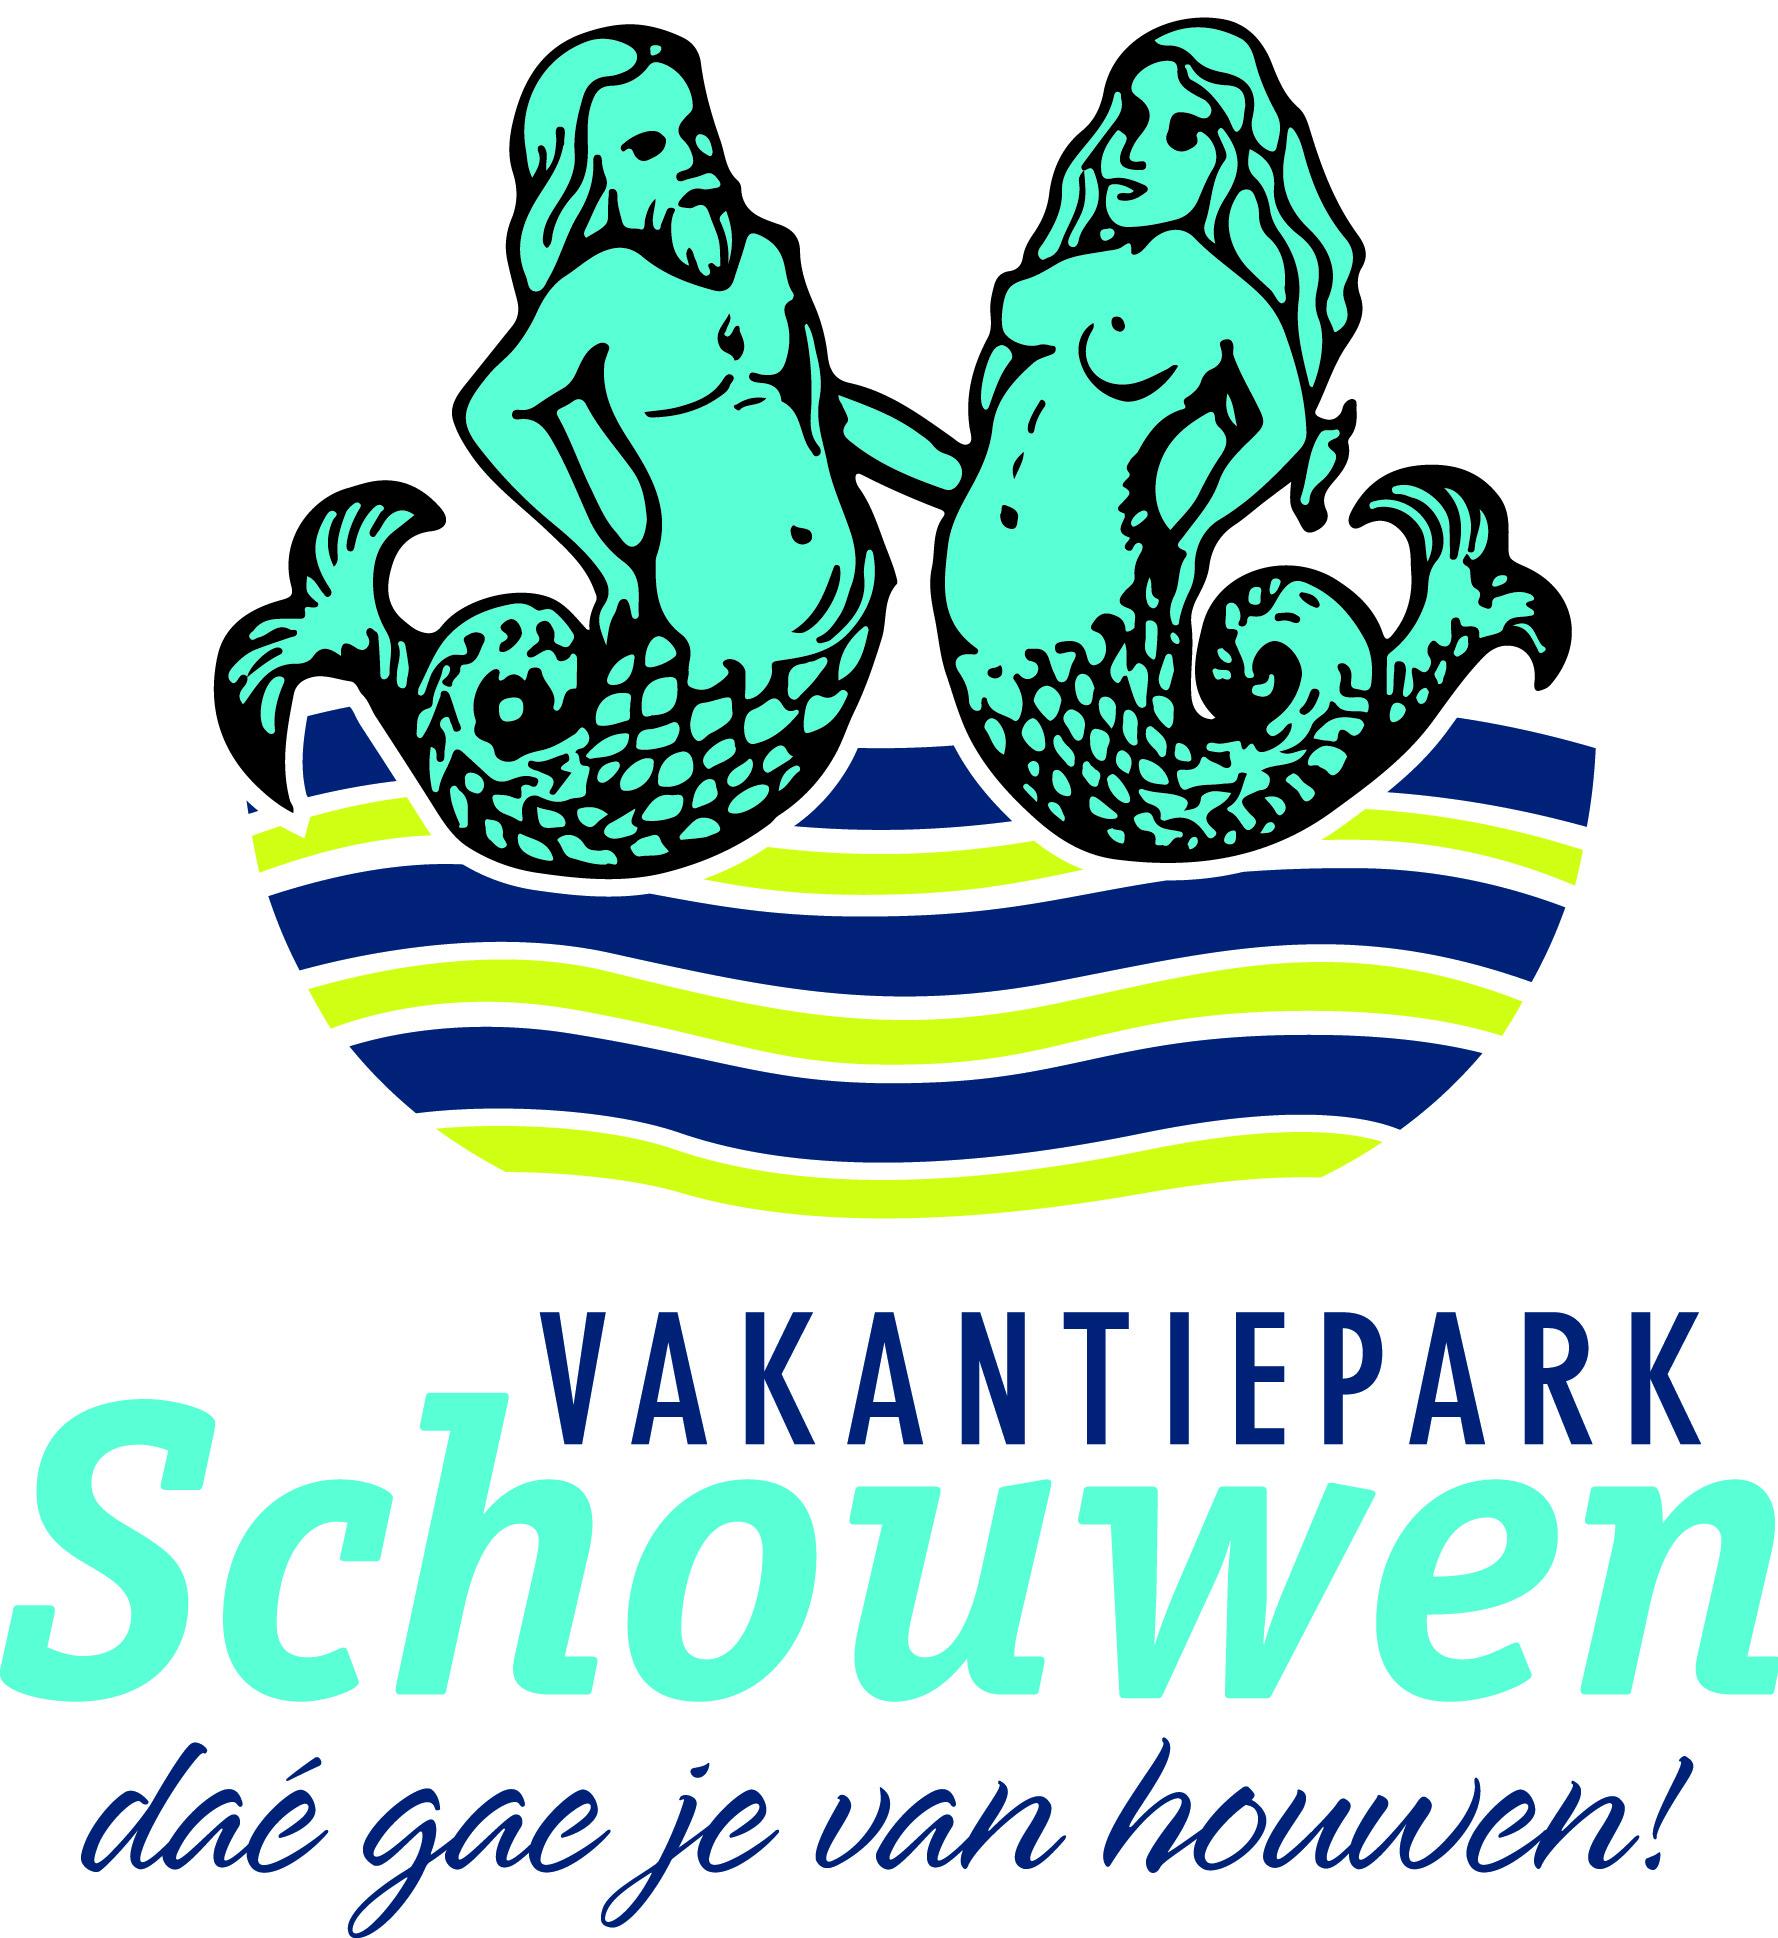 vakantiepark-schouwen